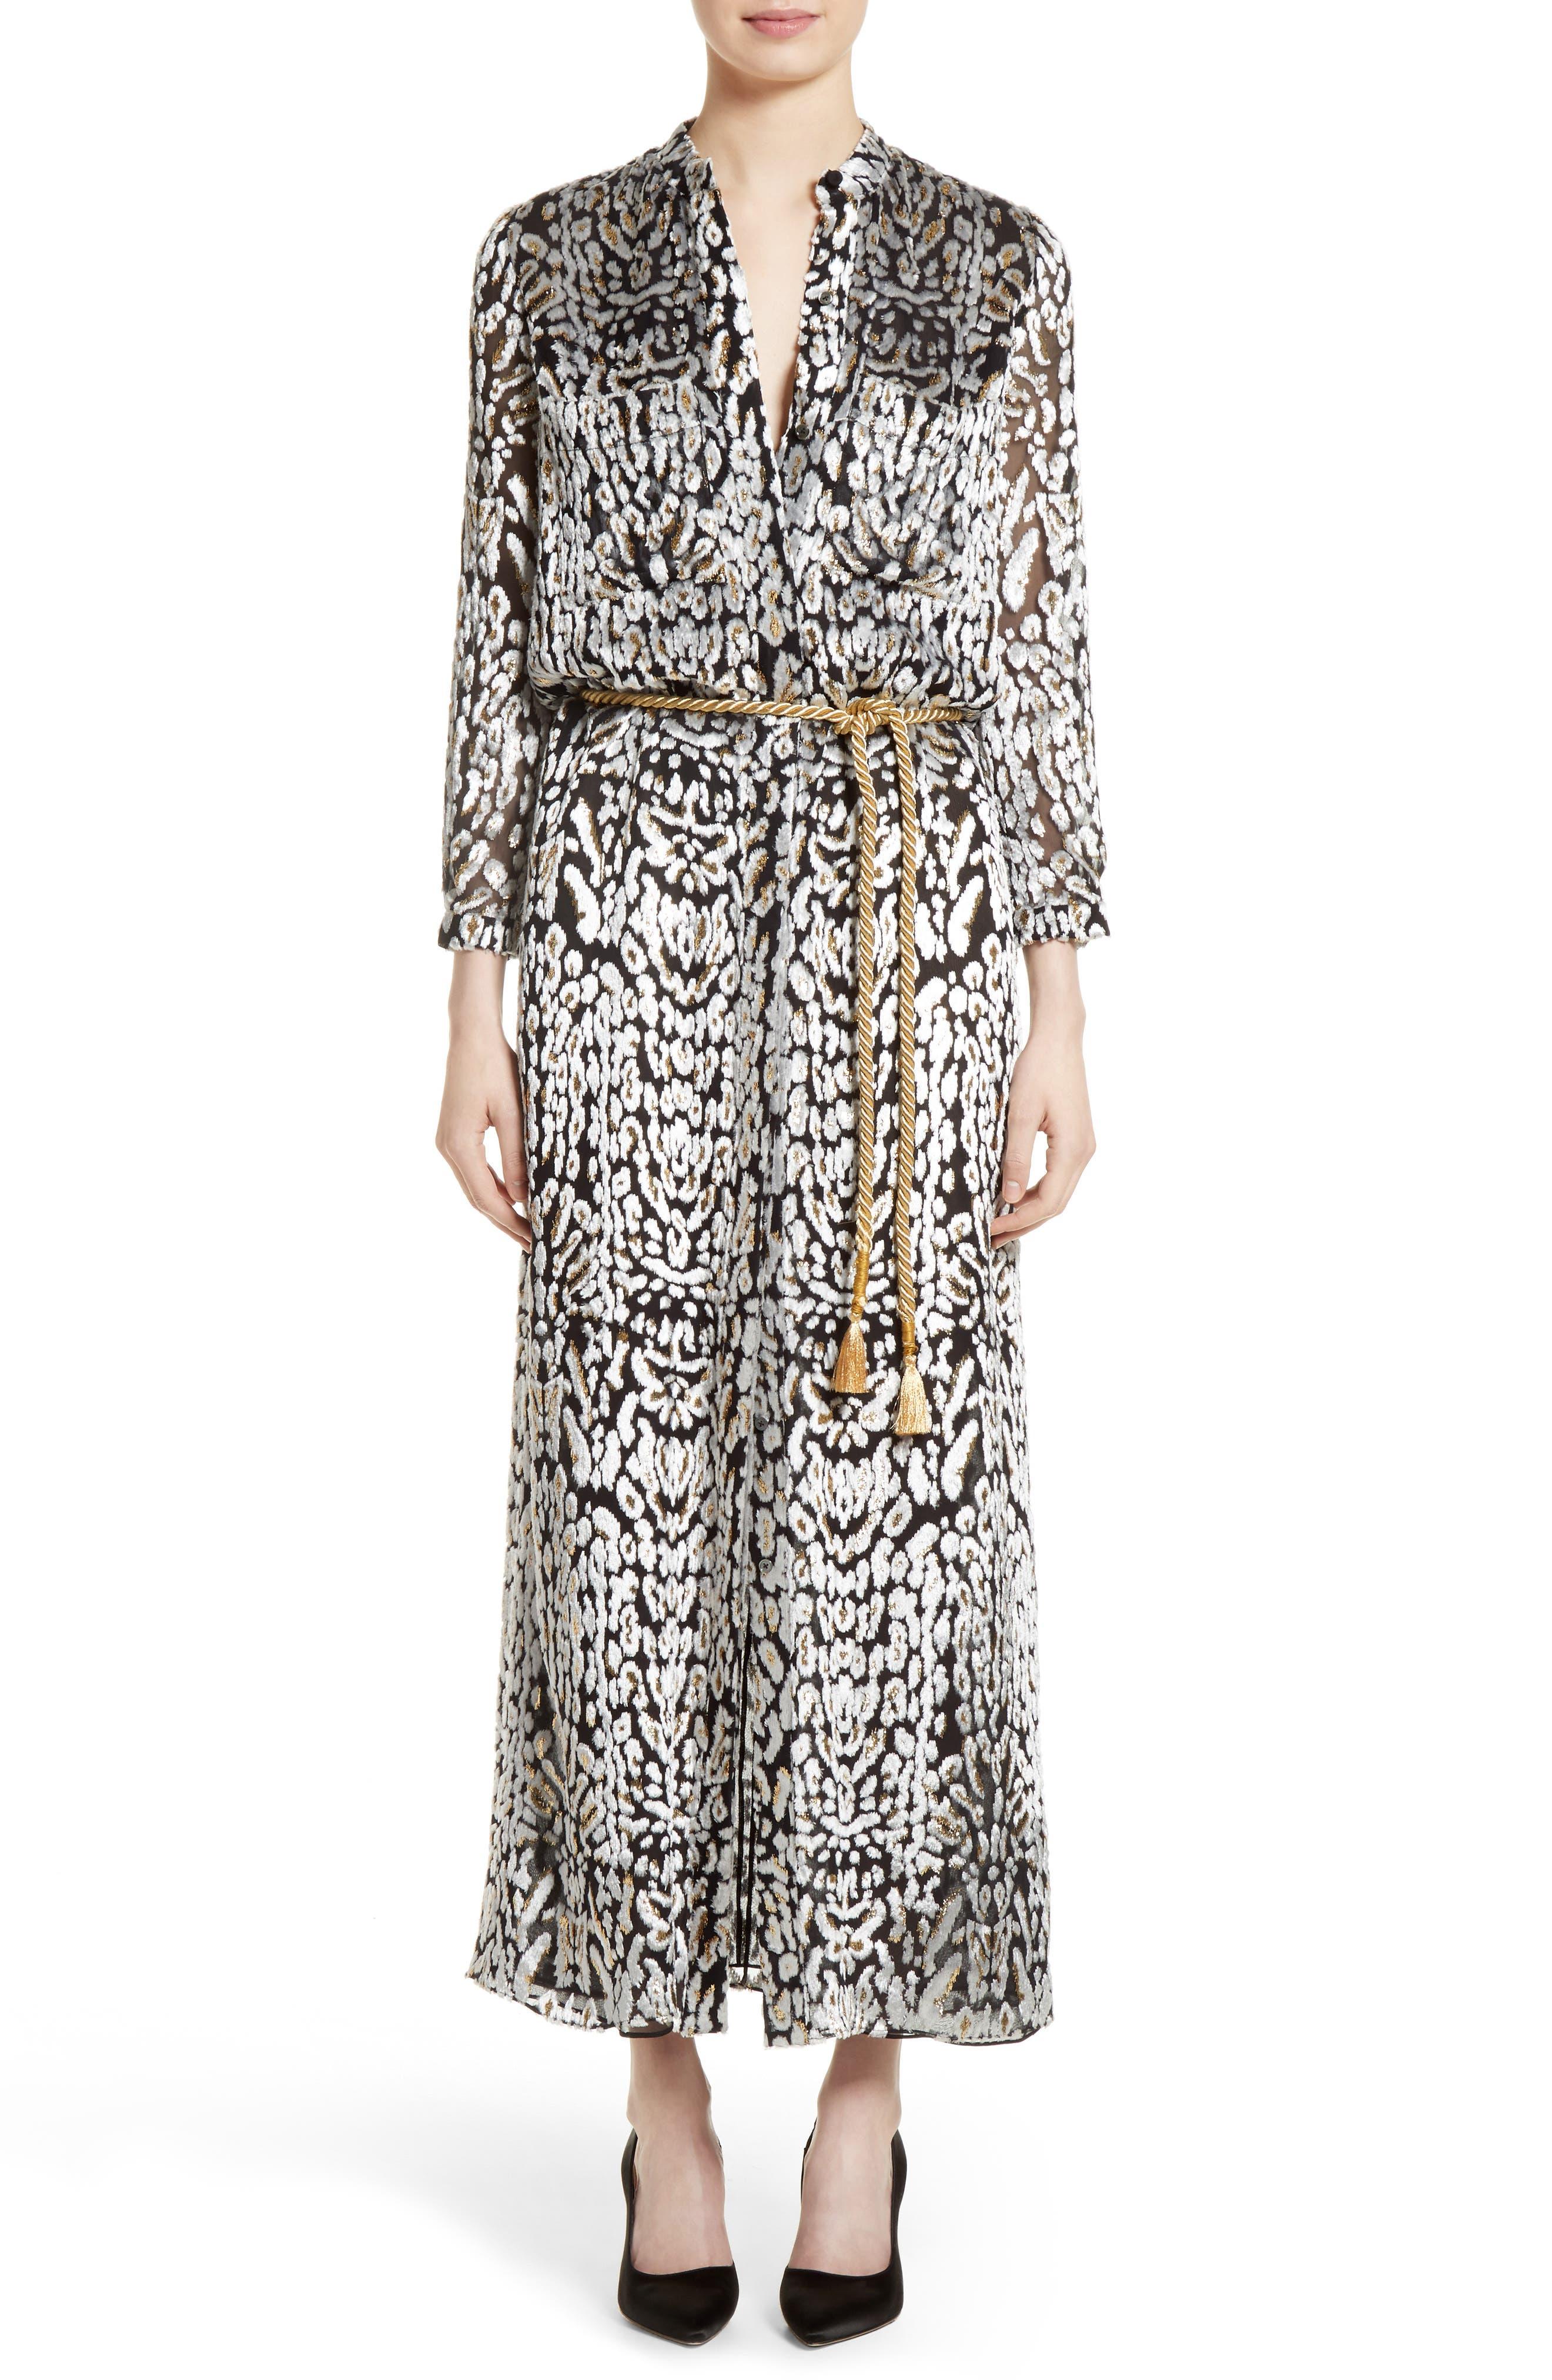 Ocelot Print Velvet Jacquard Dress,                         Main,                         color, Black/ Ivory/ Gold